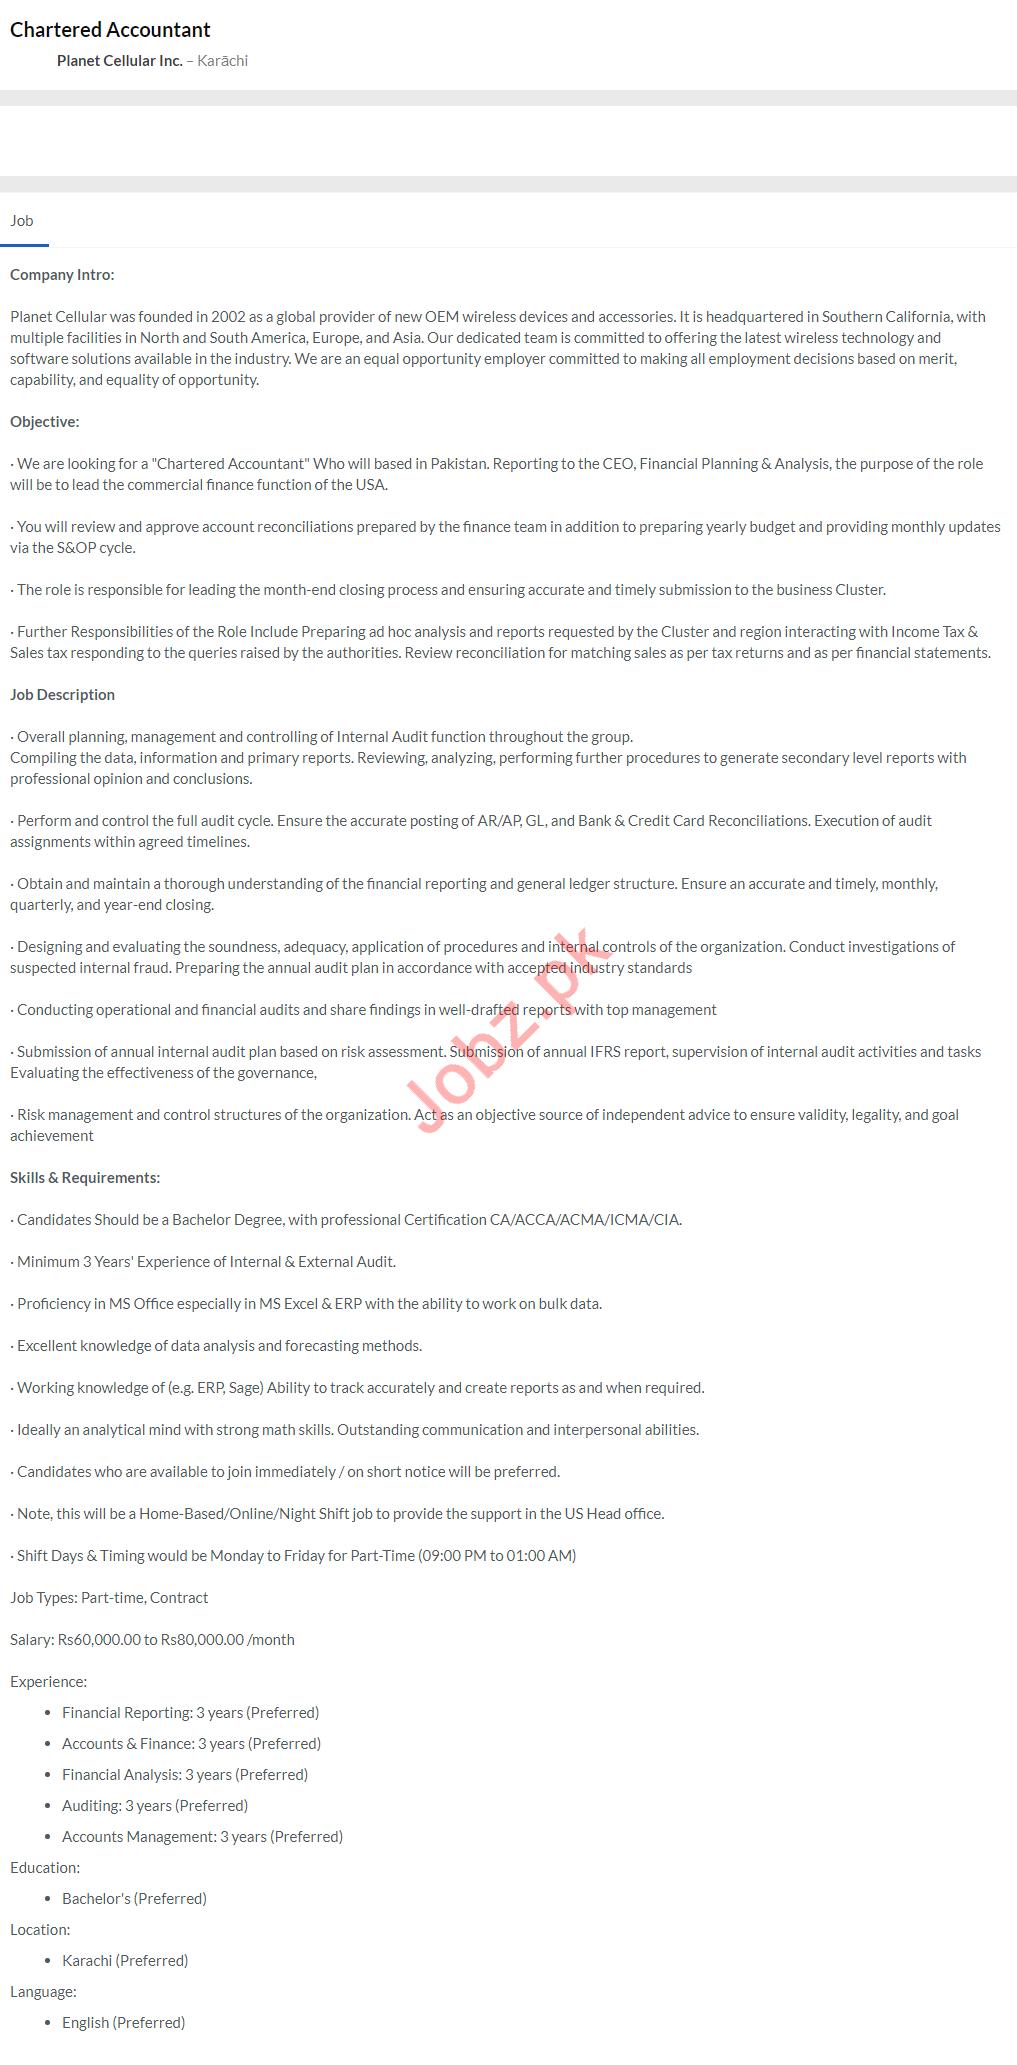 Chartered Accountant Job 2020 in Karachi